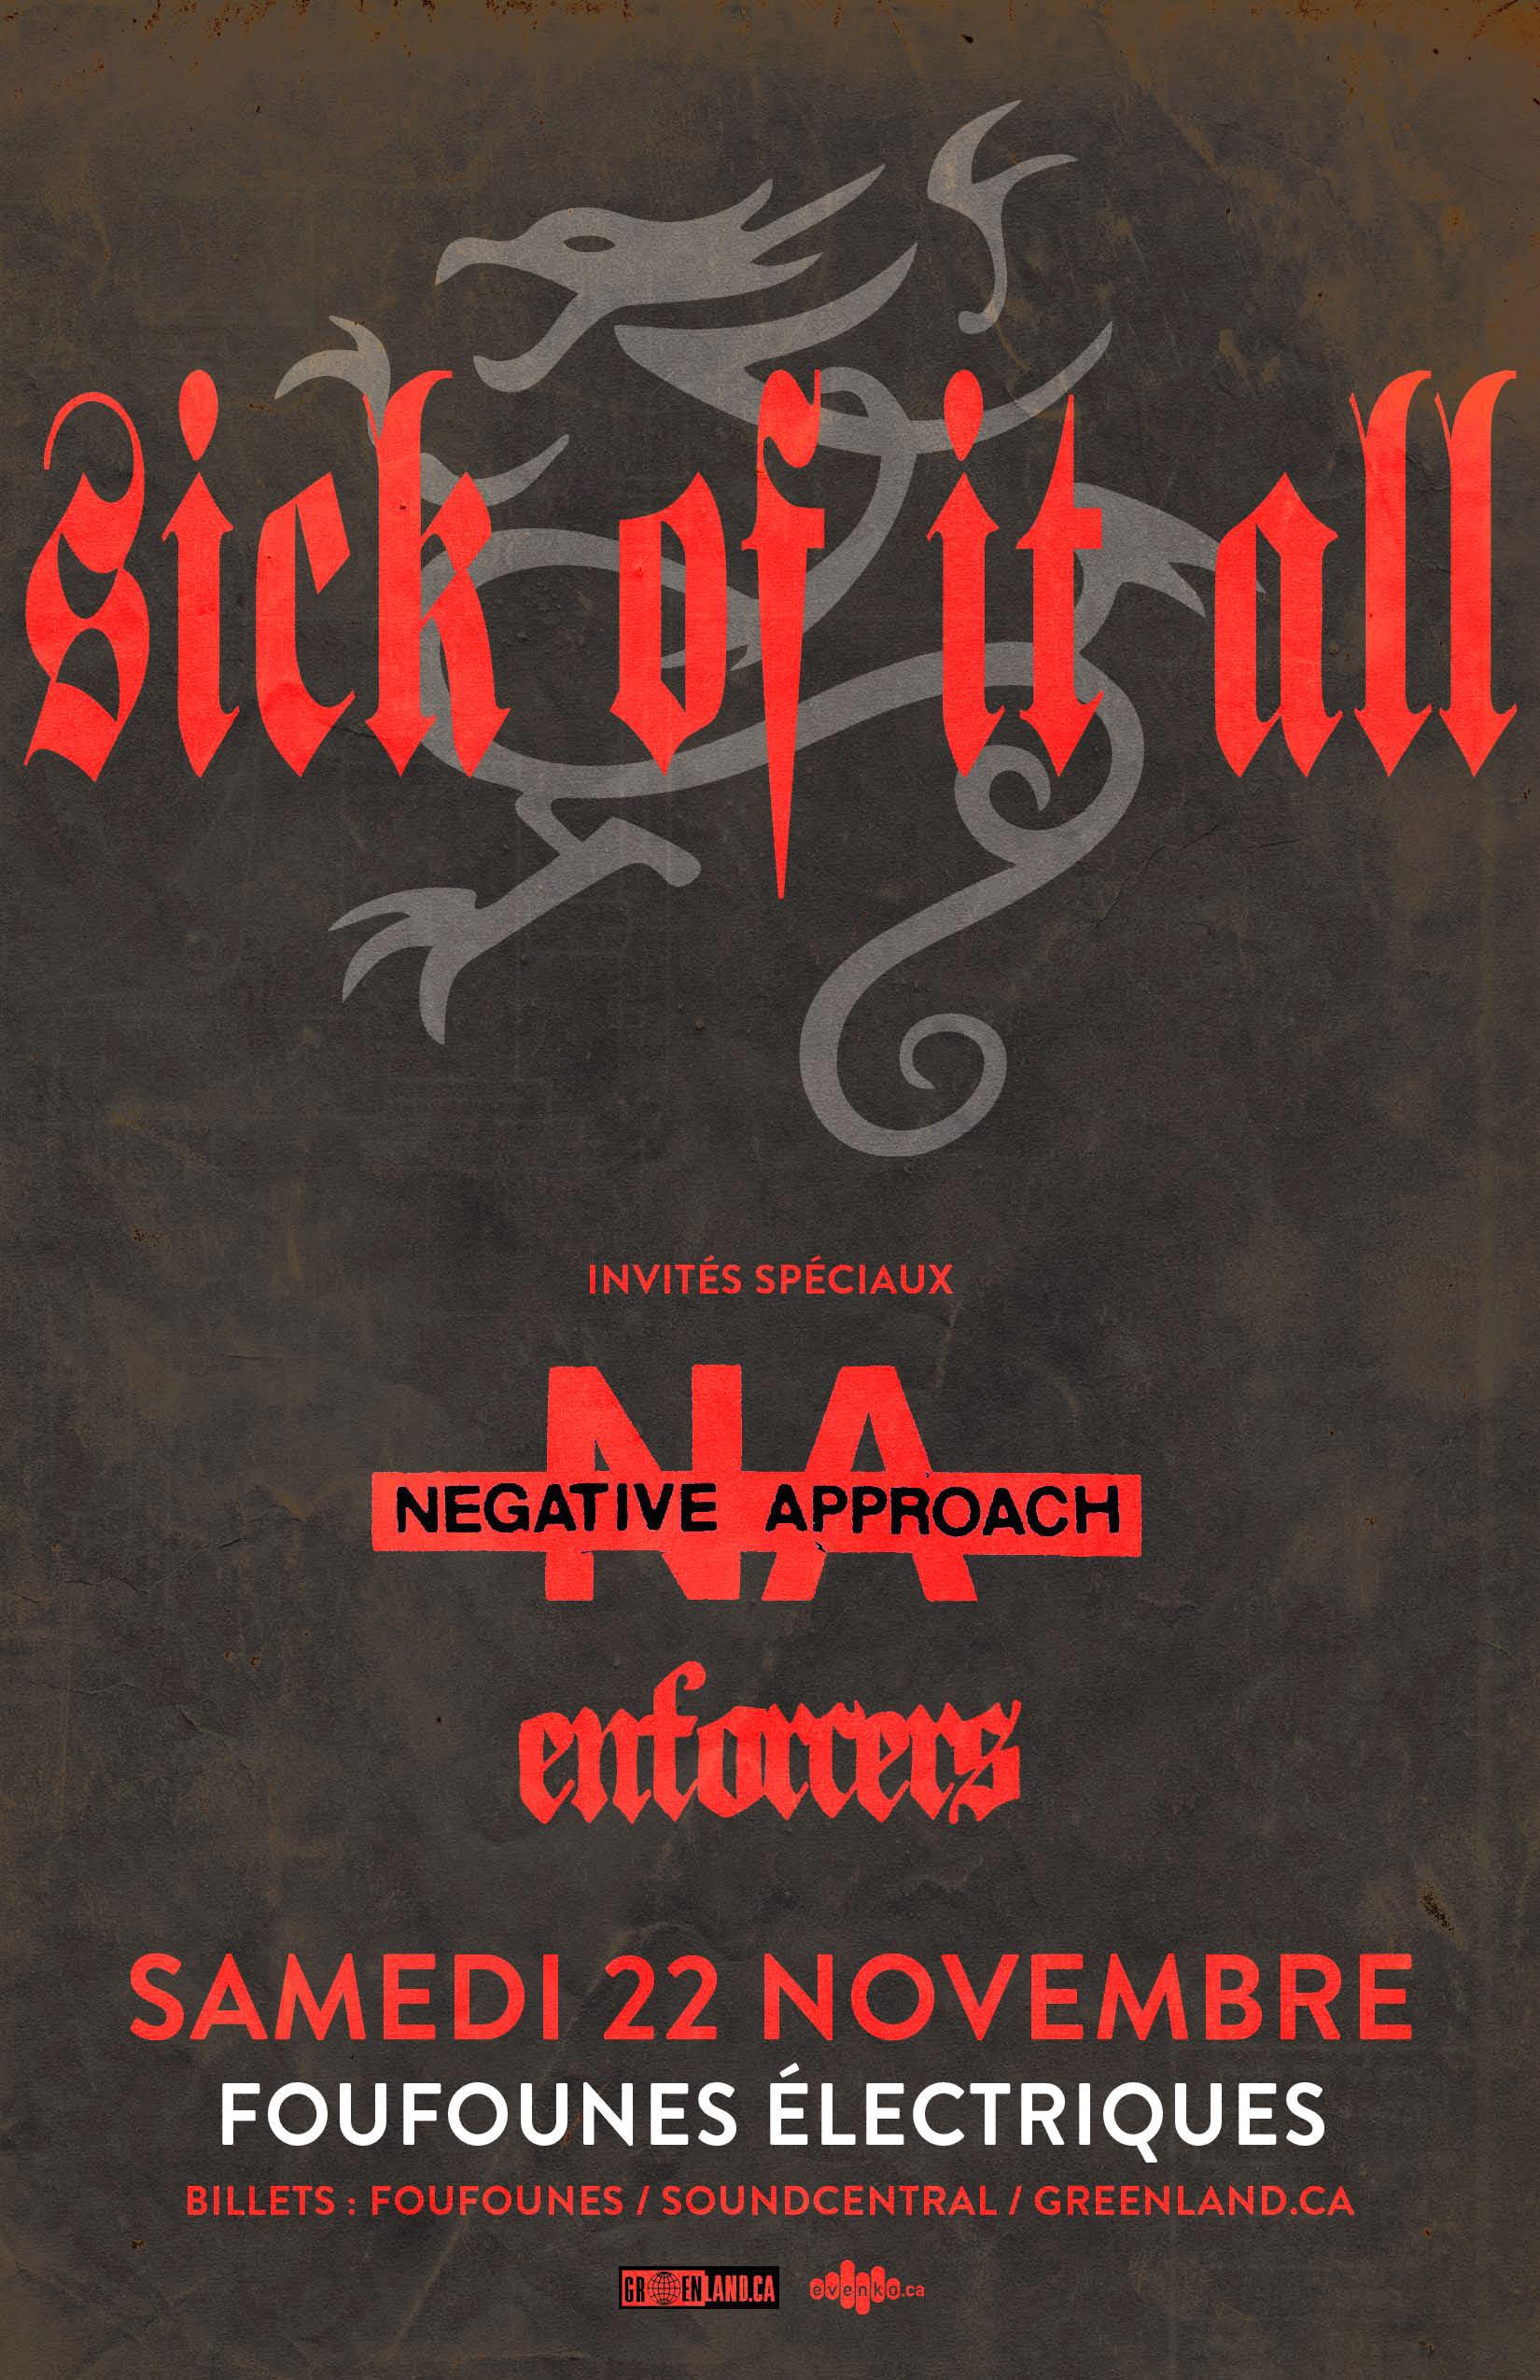 141122_SickOfItAll_poster